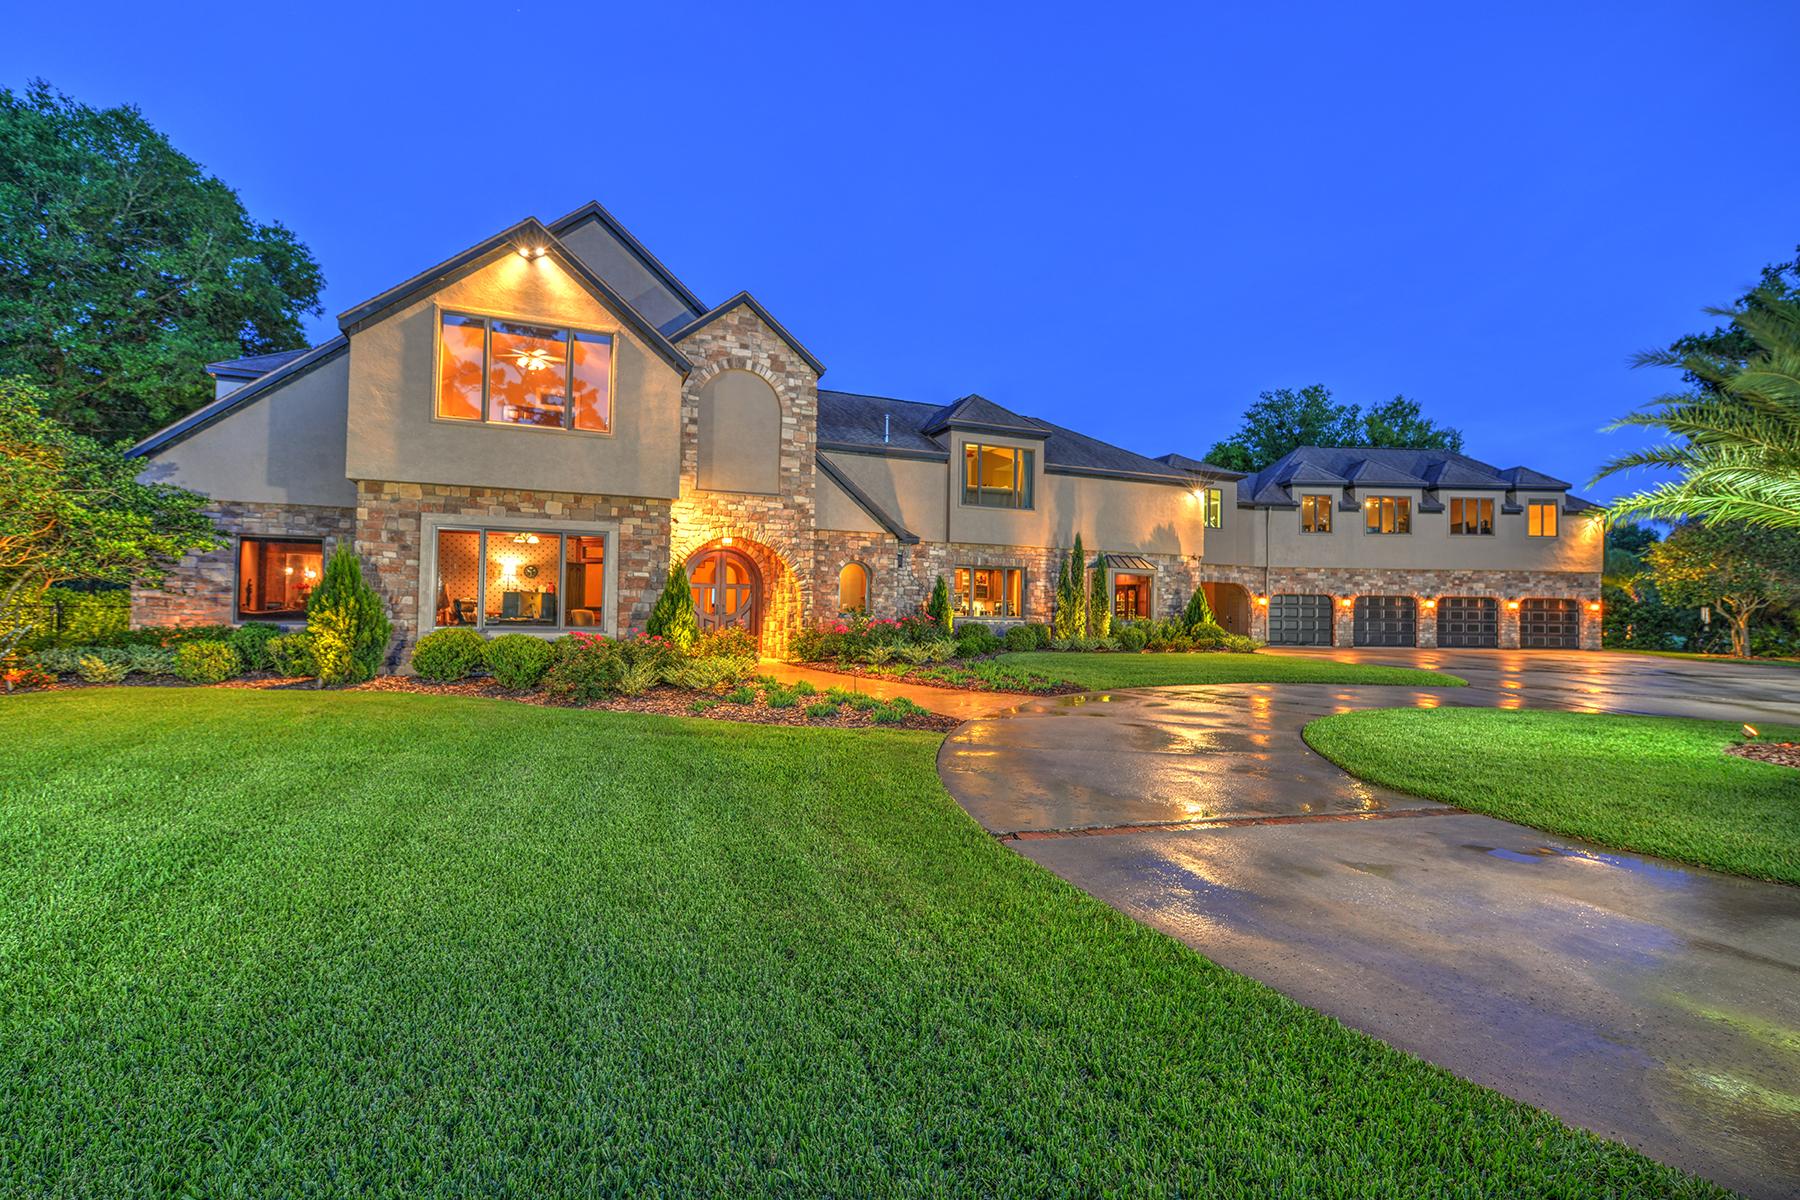 Villa per Vendita alle ore ORMOND BEACH 425 Pine Bluff Trl Ormond Beach, Florida, 32174 Stati Uniti